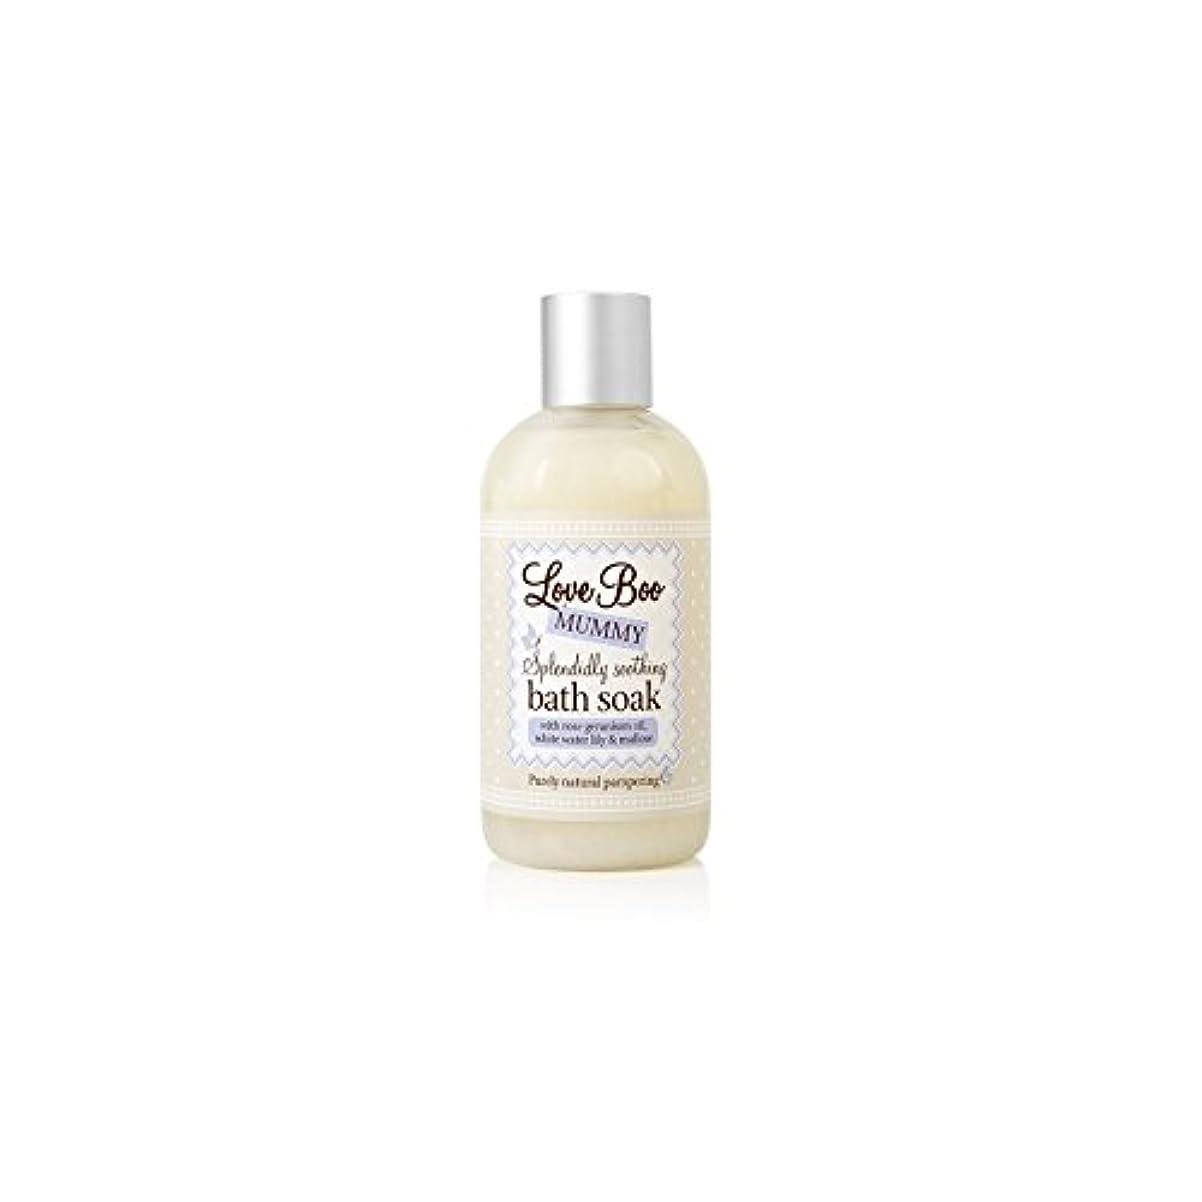 貨物ゲージ胚Love Boo Splendidly Soothing Bath Soak (250ml) - ブーイング見事なだめるようなお風呂が大好き(250ミリリットル)を浸します [並行輸入品]